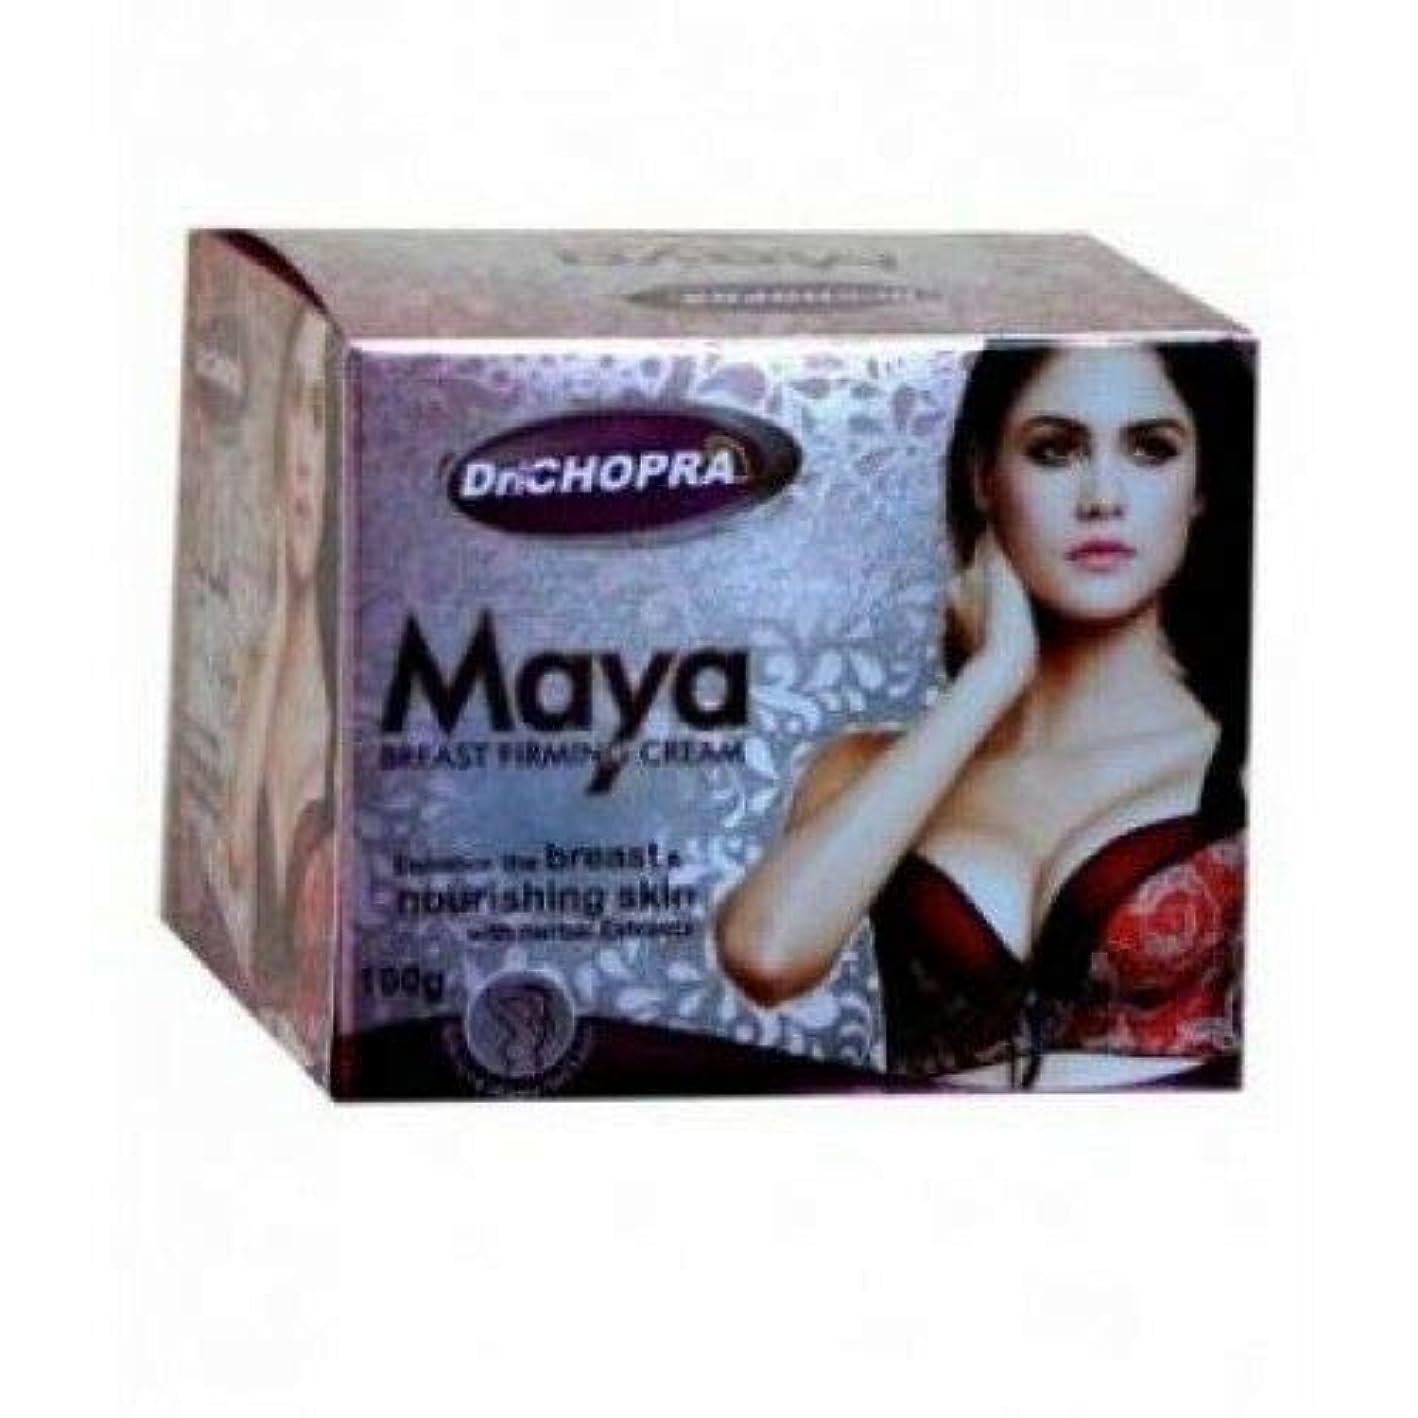 歌うグリーンバック祝福するBreast Firming Cream 100g Enhance Breast & Nourishing Skin Herbal Extracts 胸の引き締めクリームは、胸と栄養肌のハーブエキスを強化します。